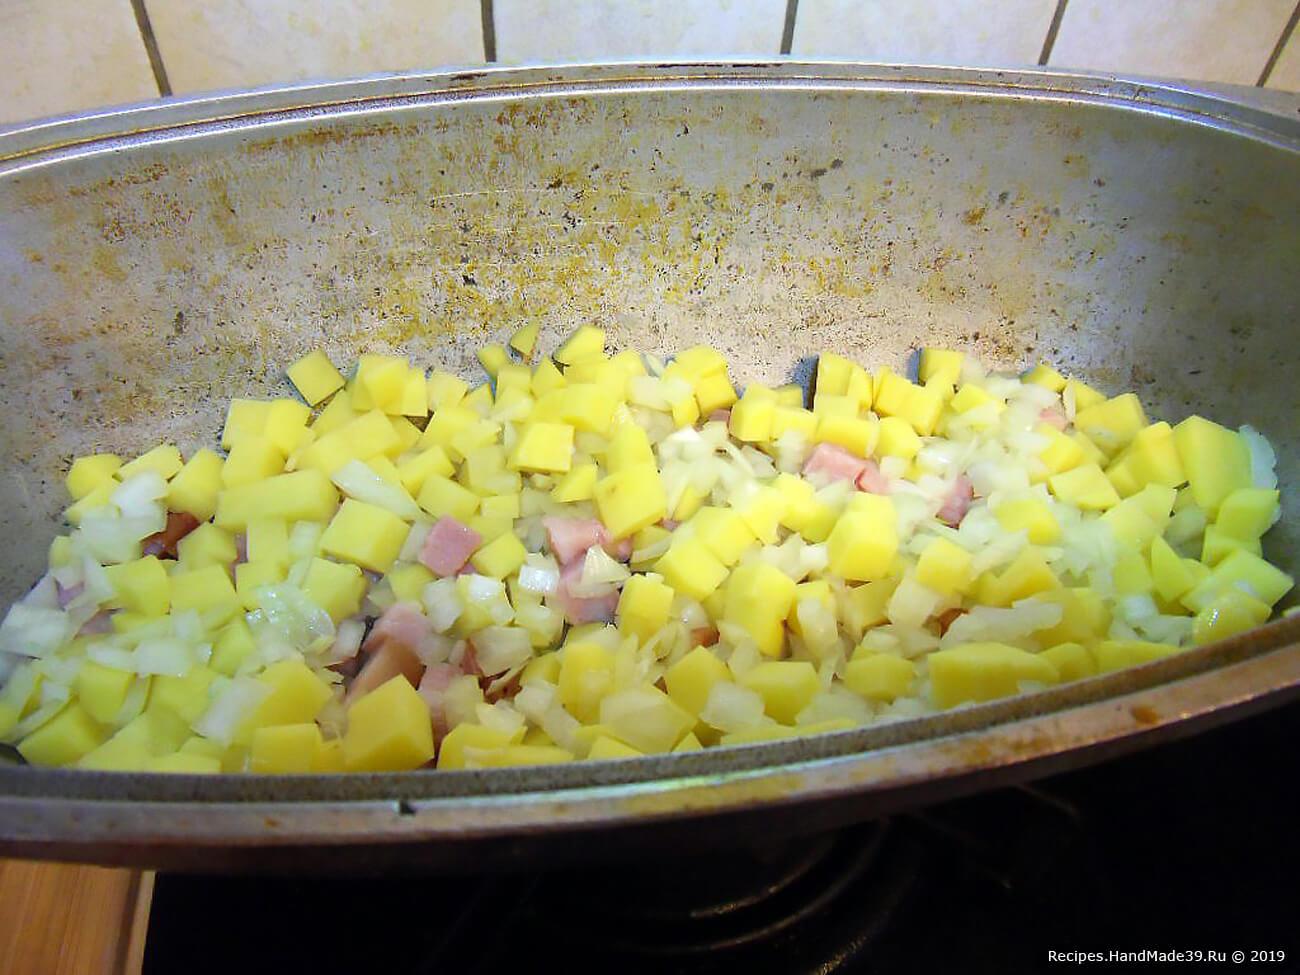 Как только начнёт выделяться жир, добавить нарубленный лук и картофель, нарезанный мелкими кубиками